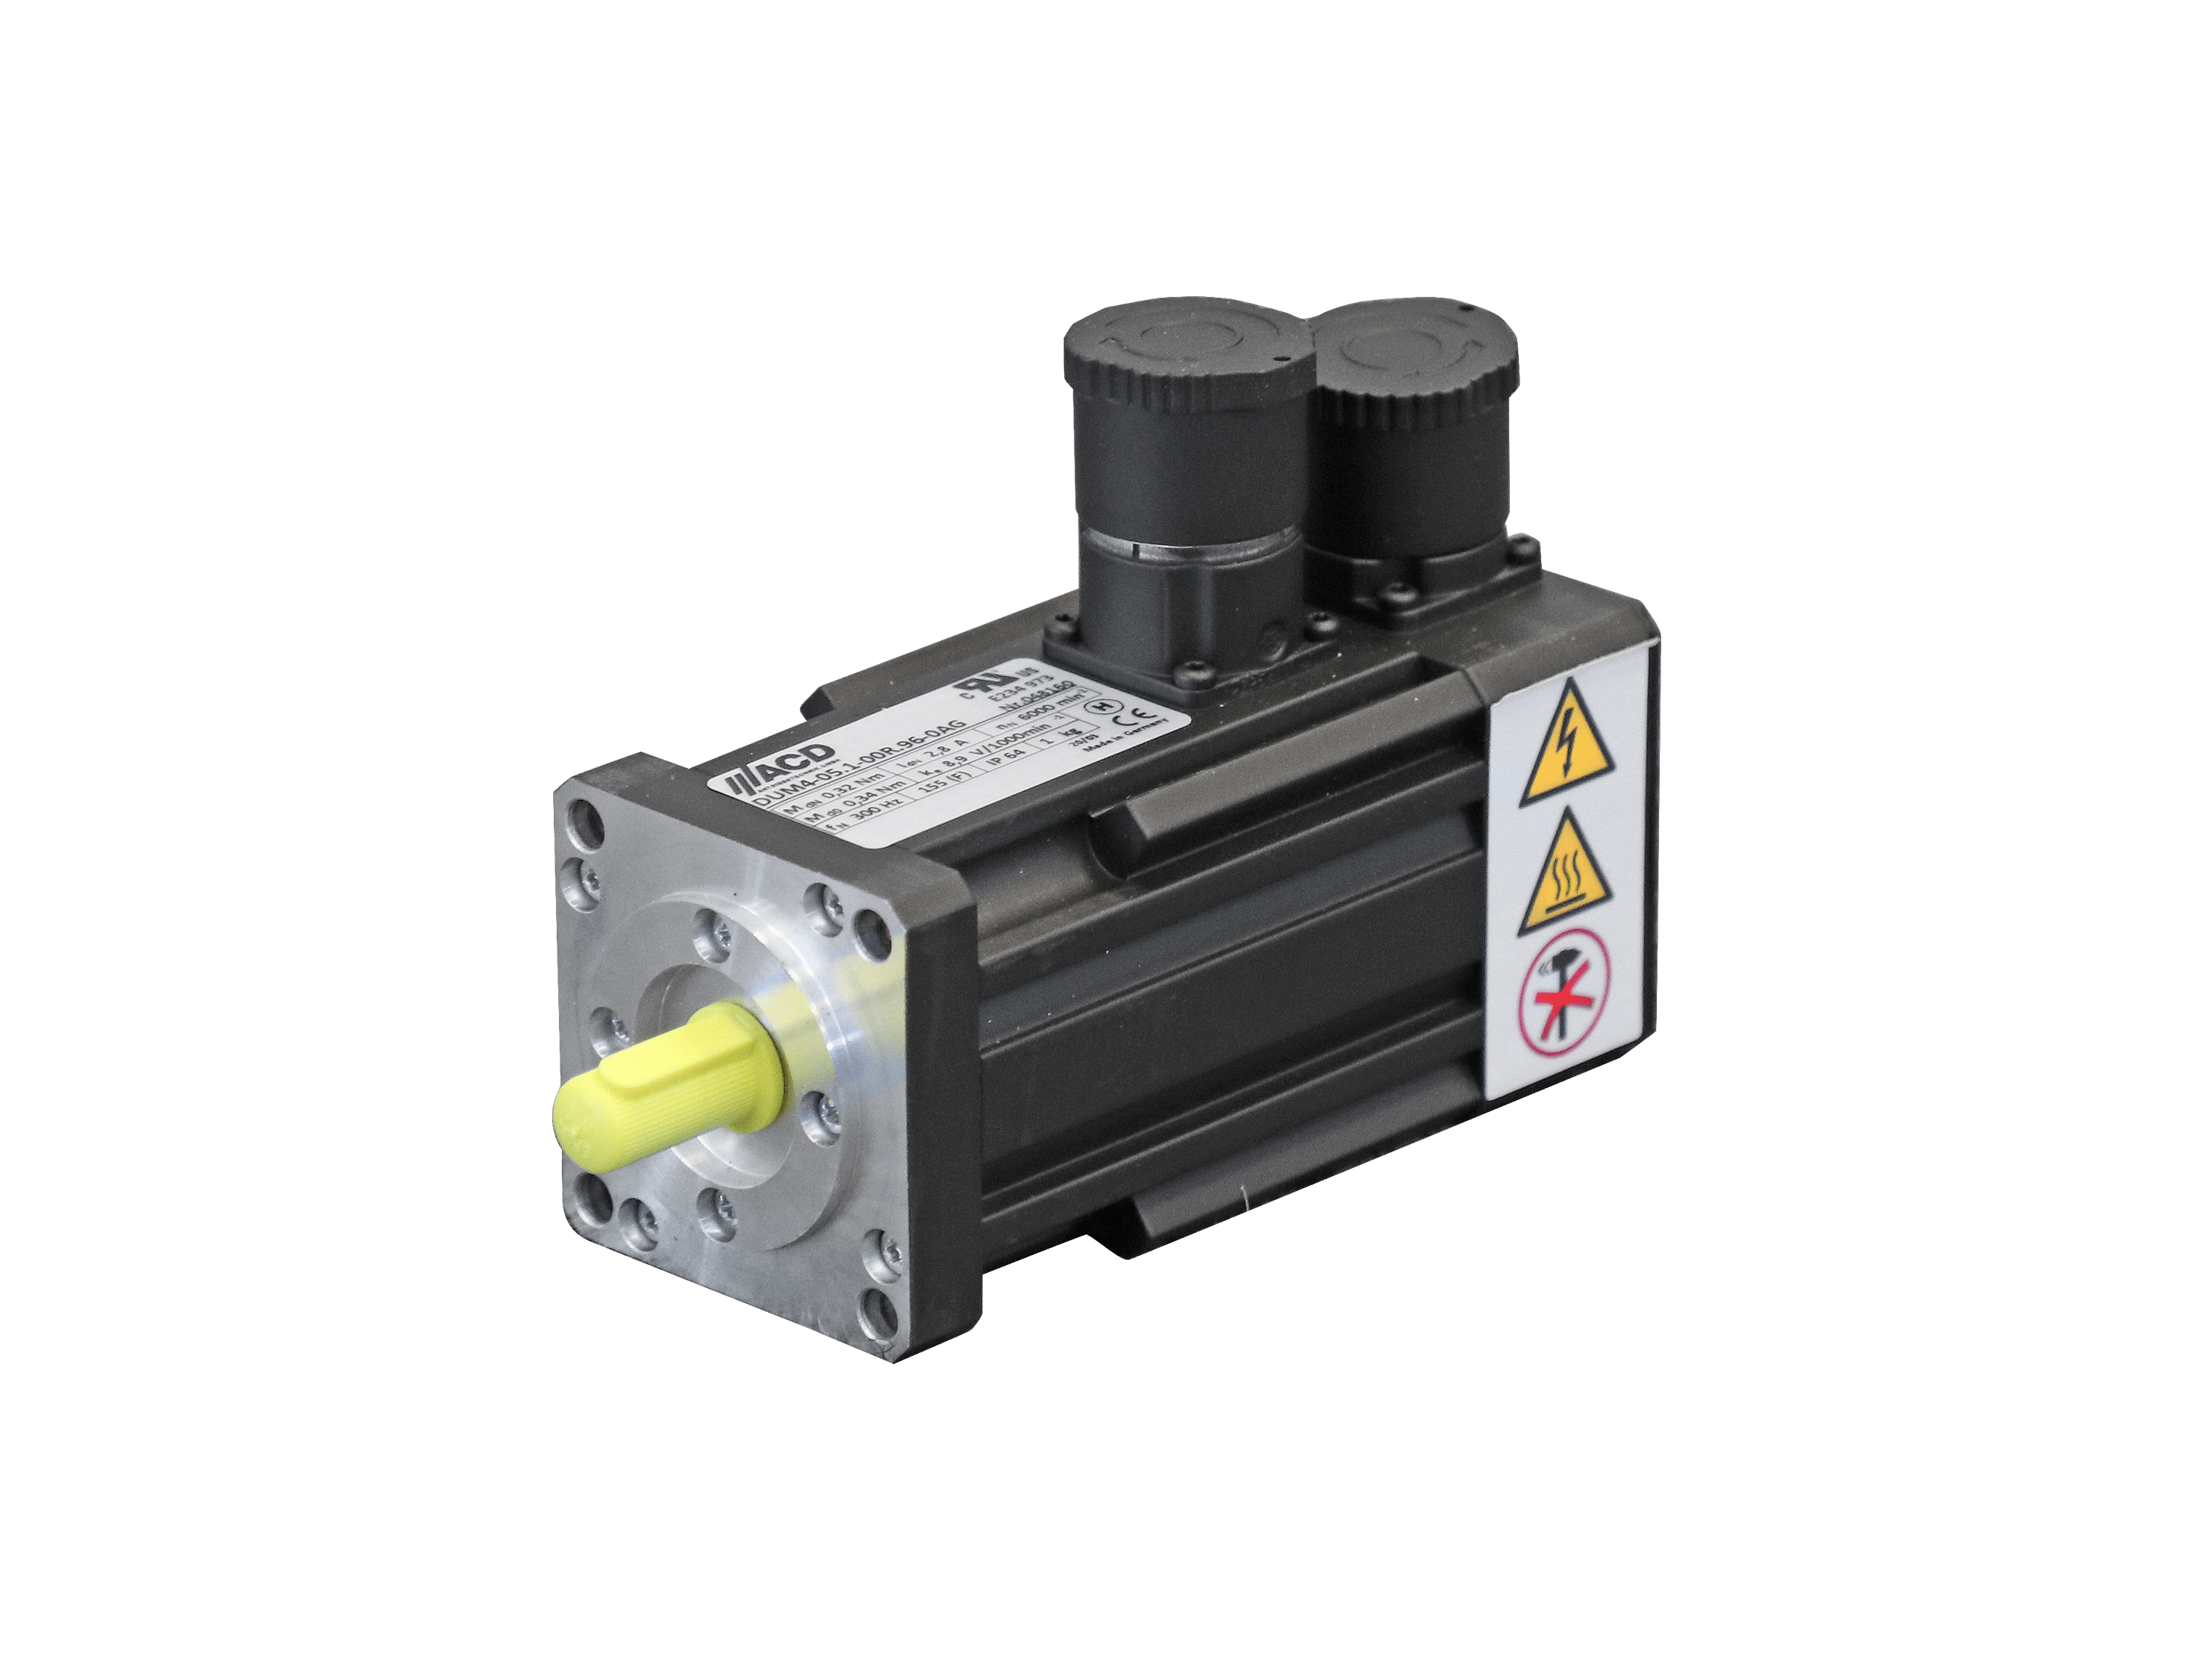 ACD Antriebstechnik Synchronmotor DUM4-05-1-00r-96-0ag